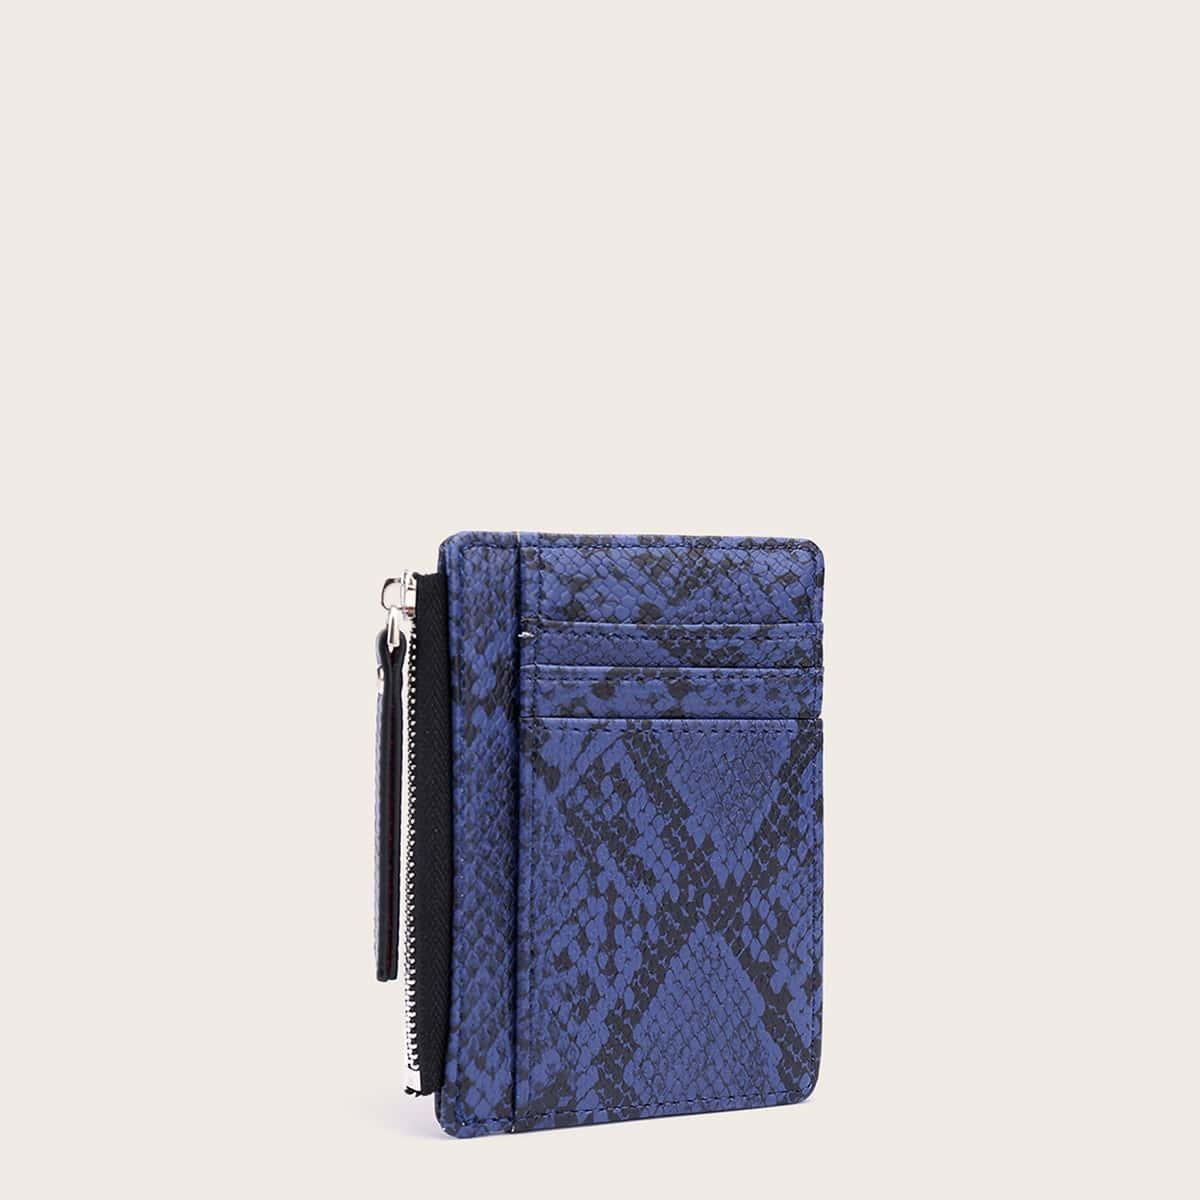 Змеиный кошелек с обложкой для карты от SHEIN